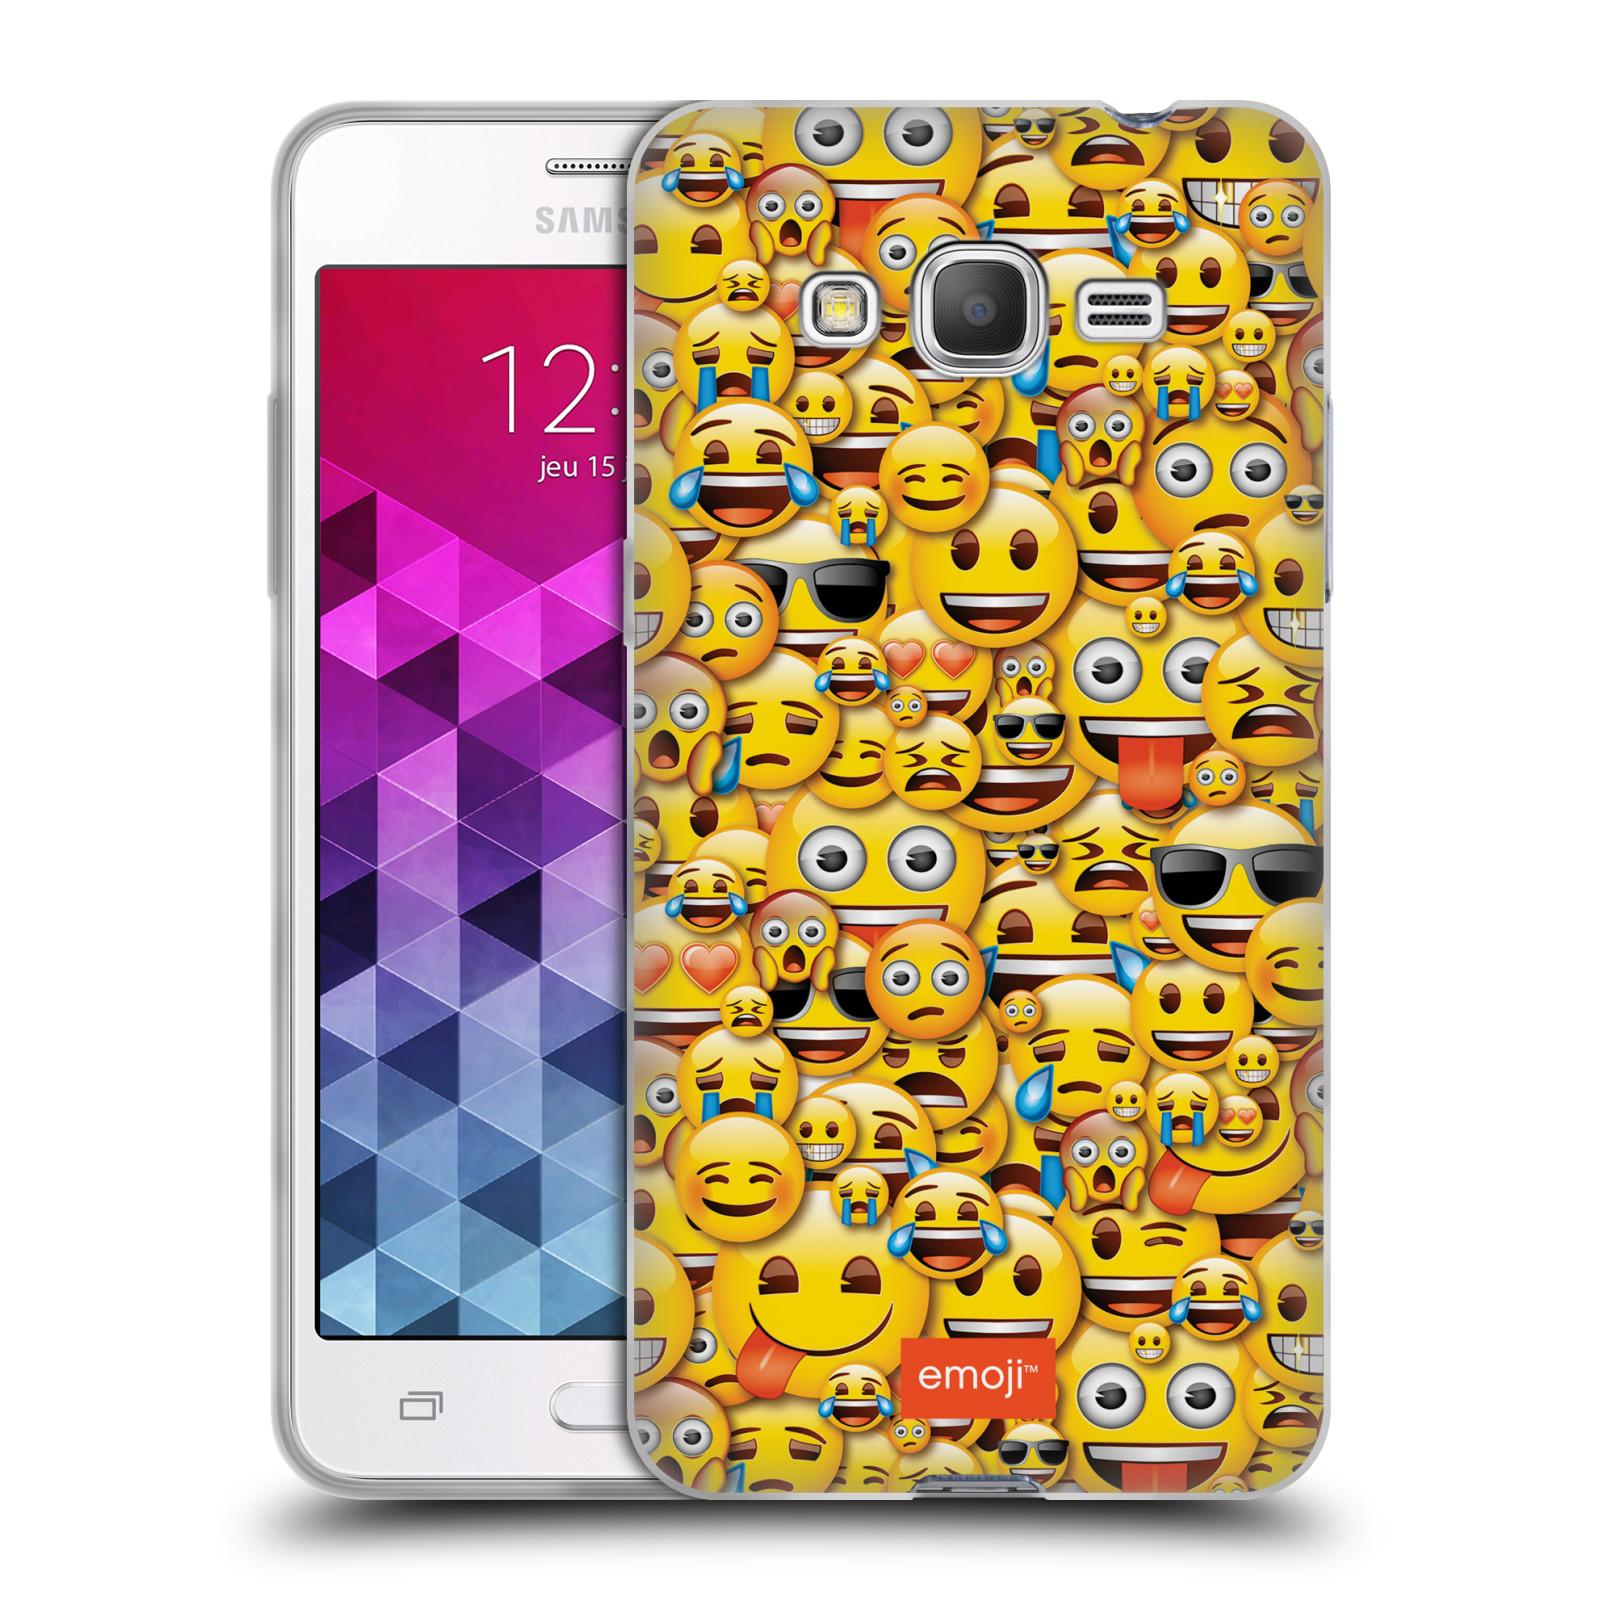 Silikonové pouzdro na mobil Samsung Galaxy Grand Prime HEAD CASE EMOJI - Mnoho malých smajlíků